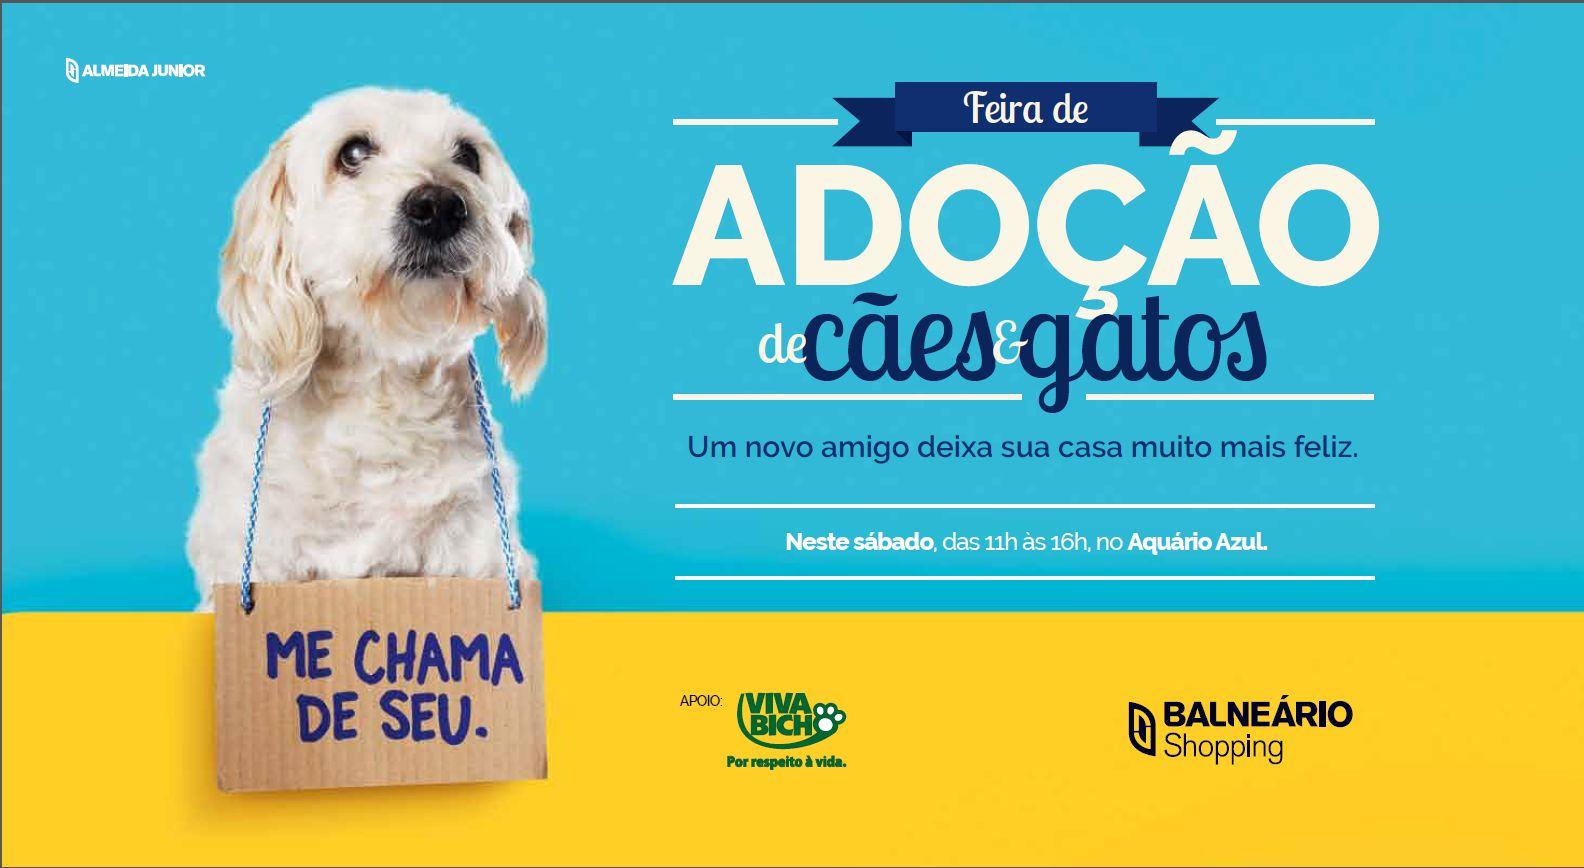 e43c6a4d5d0de Balneário Shopping - Página 5 de 5 - BC Notícias - Últimas Notícias ...